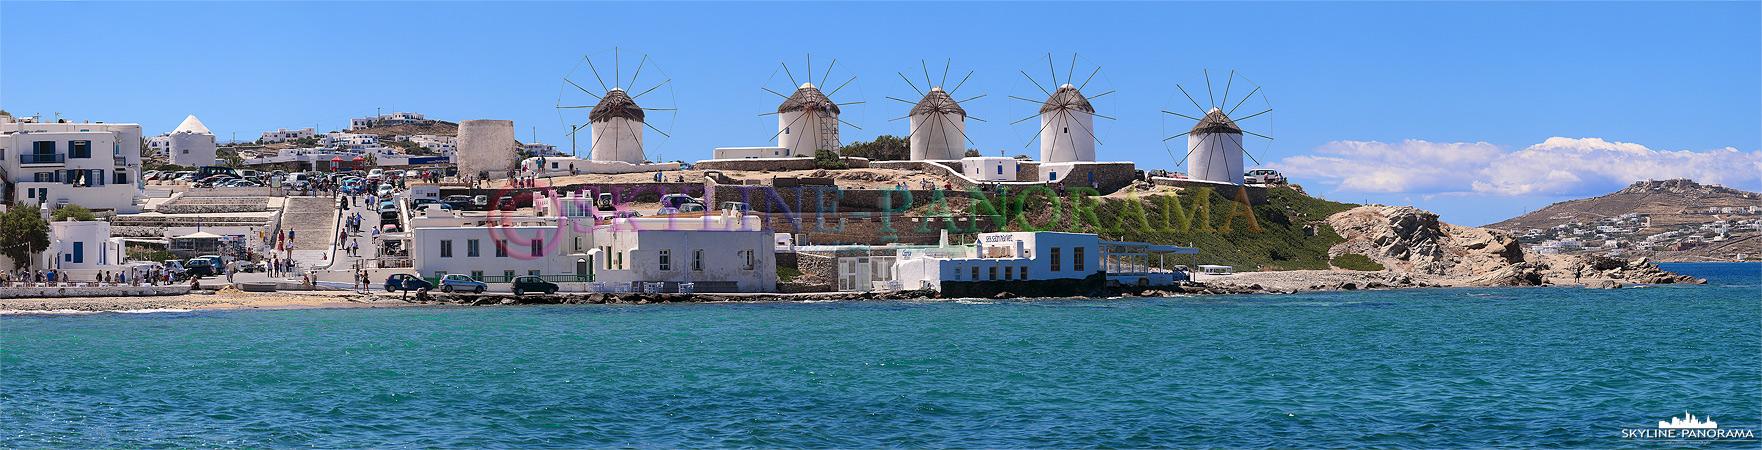 Spricht man von Mykonos, sind die Windmühlen das Erkennungszeichen der Kykladeninsel; schon hoch über der Stadt, im Anflug, kann man das Wahrzeichen erkennen.